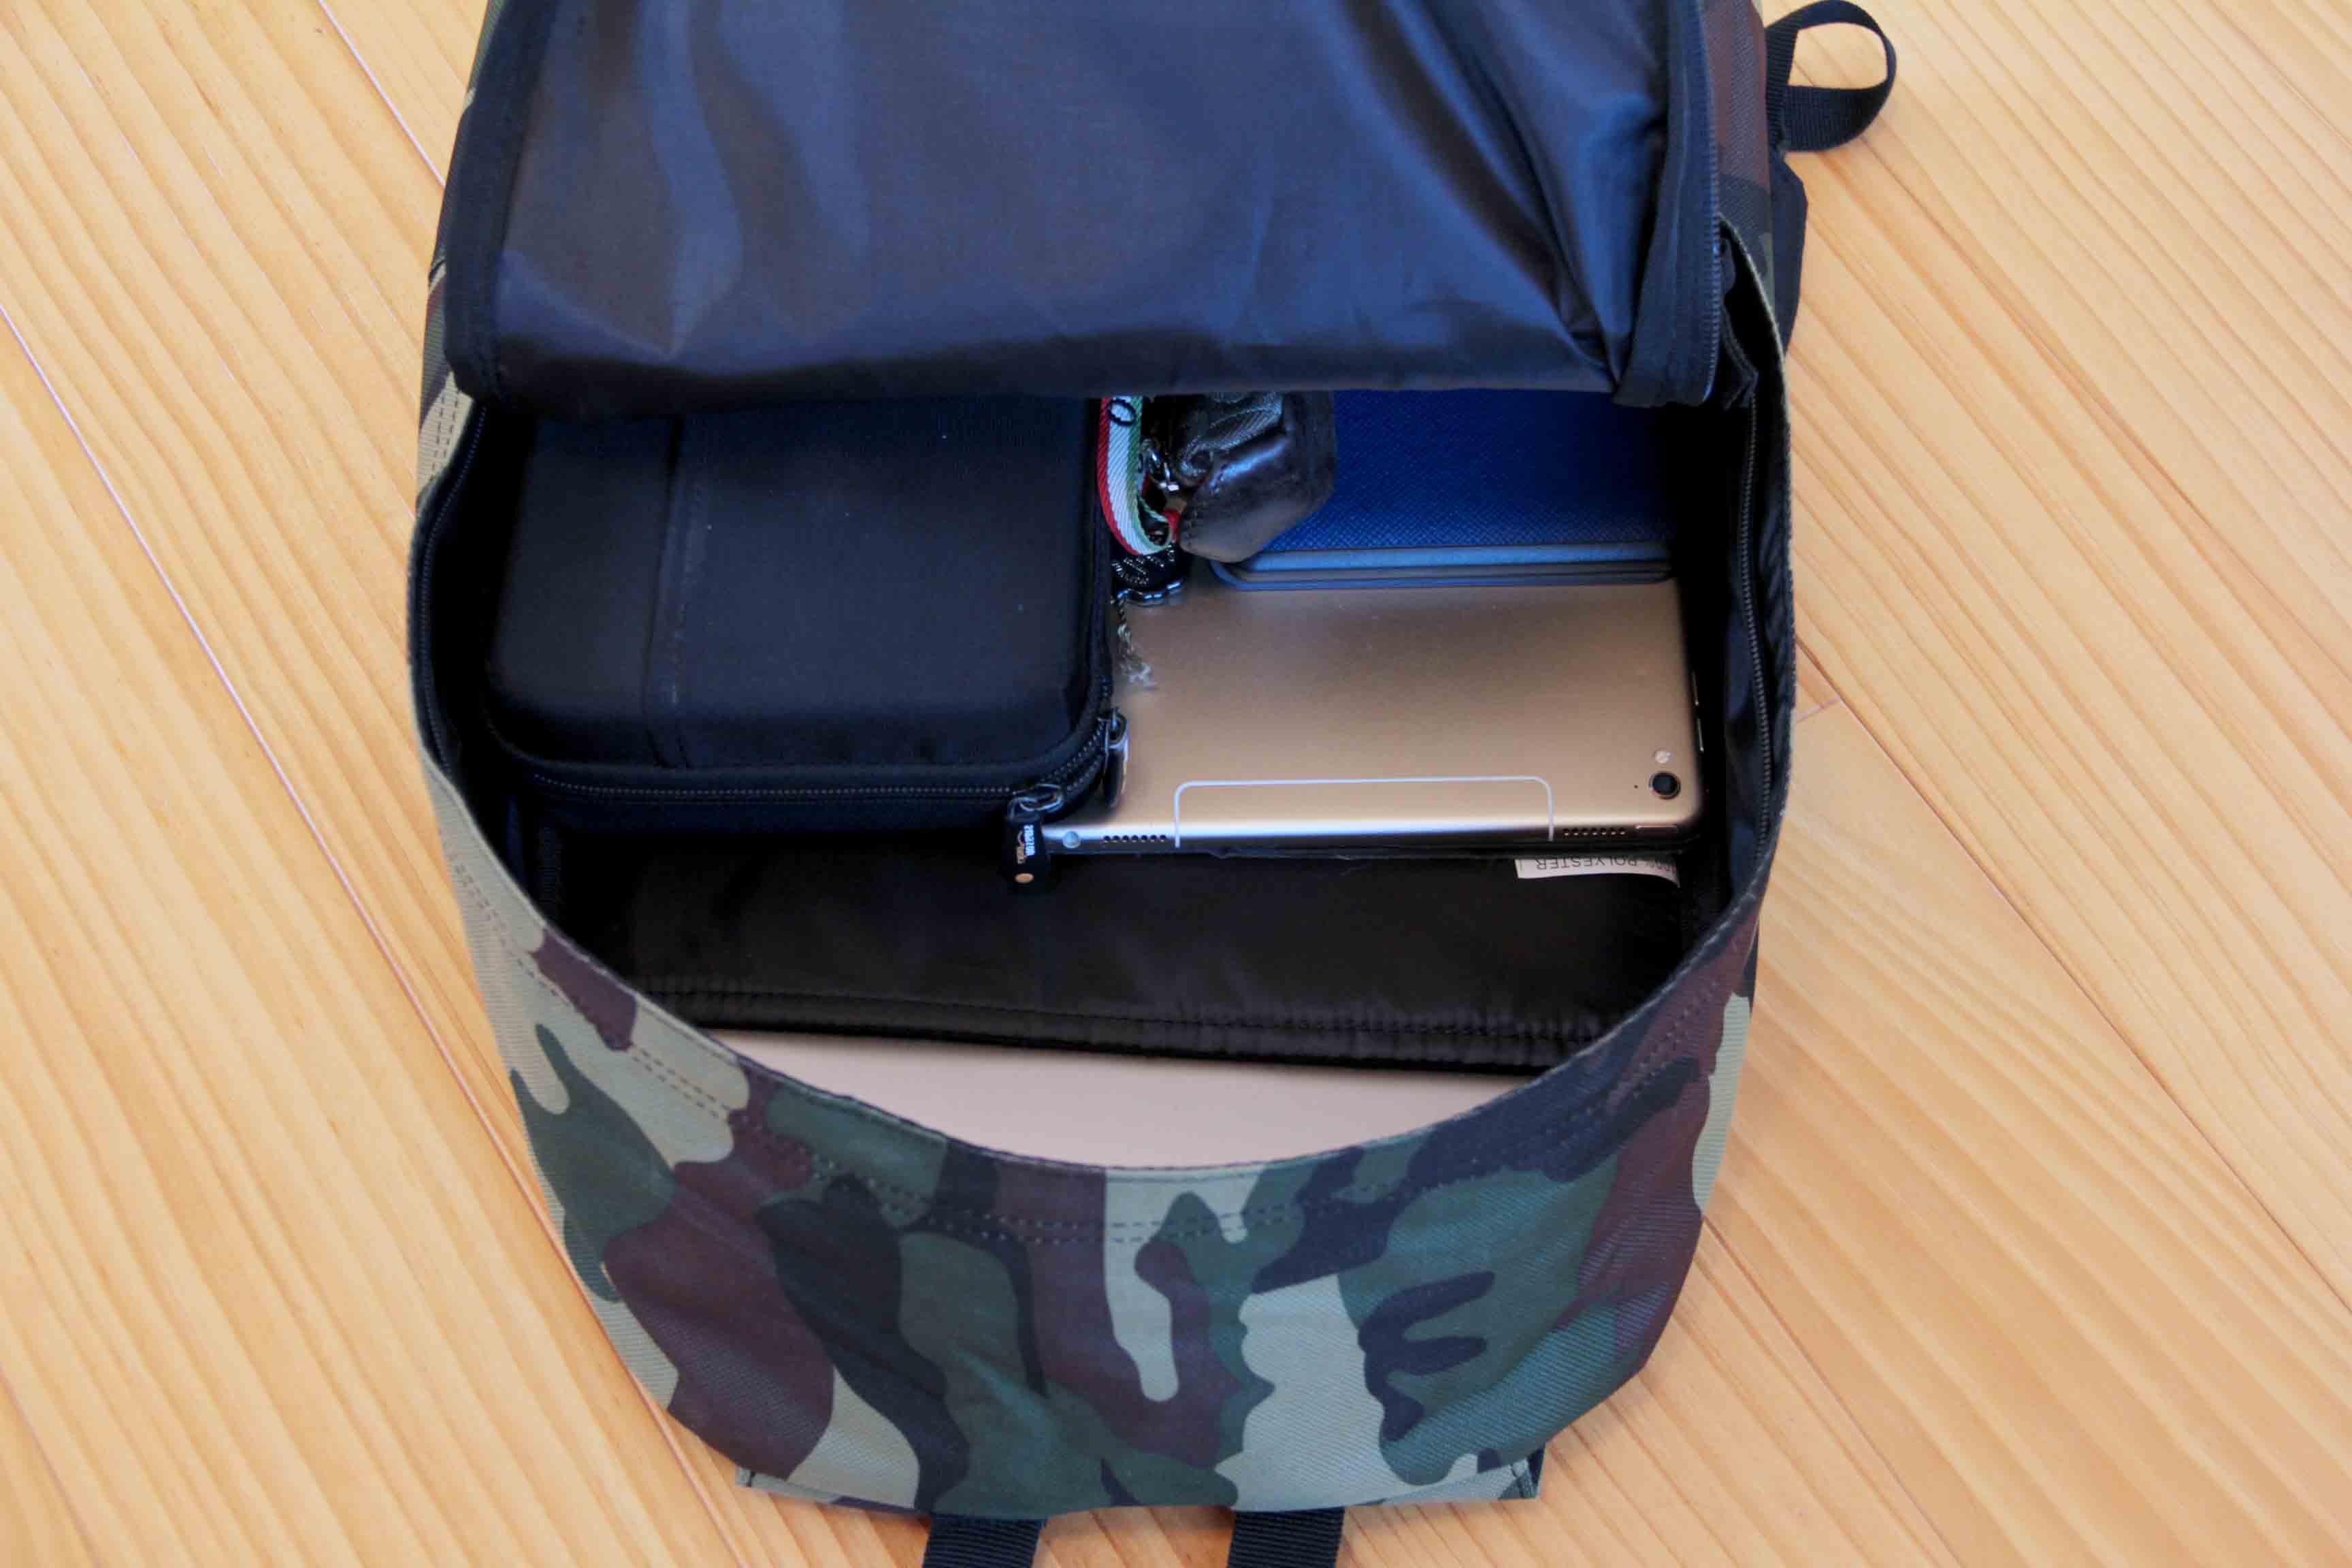 SPITFIRE CLASSIC BACKPACKのメインポケット収納写真